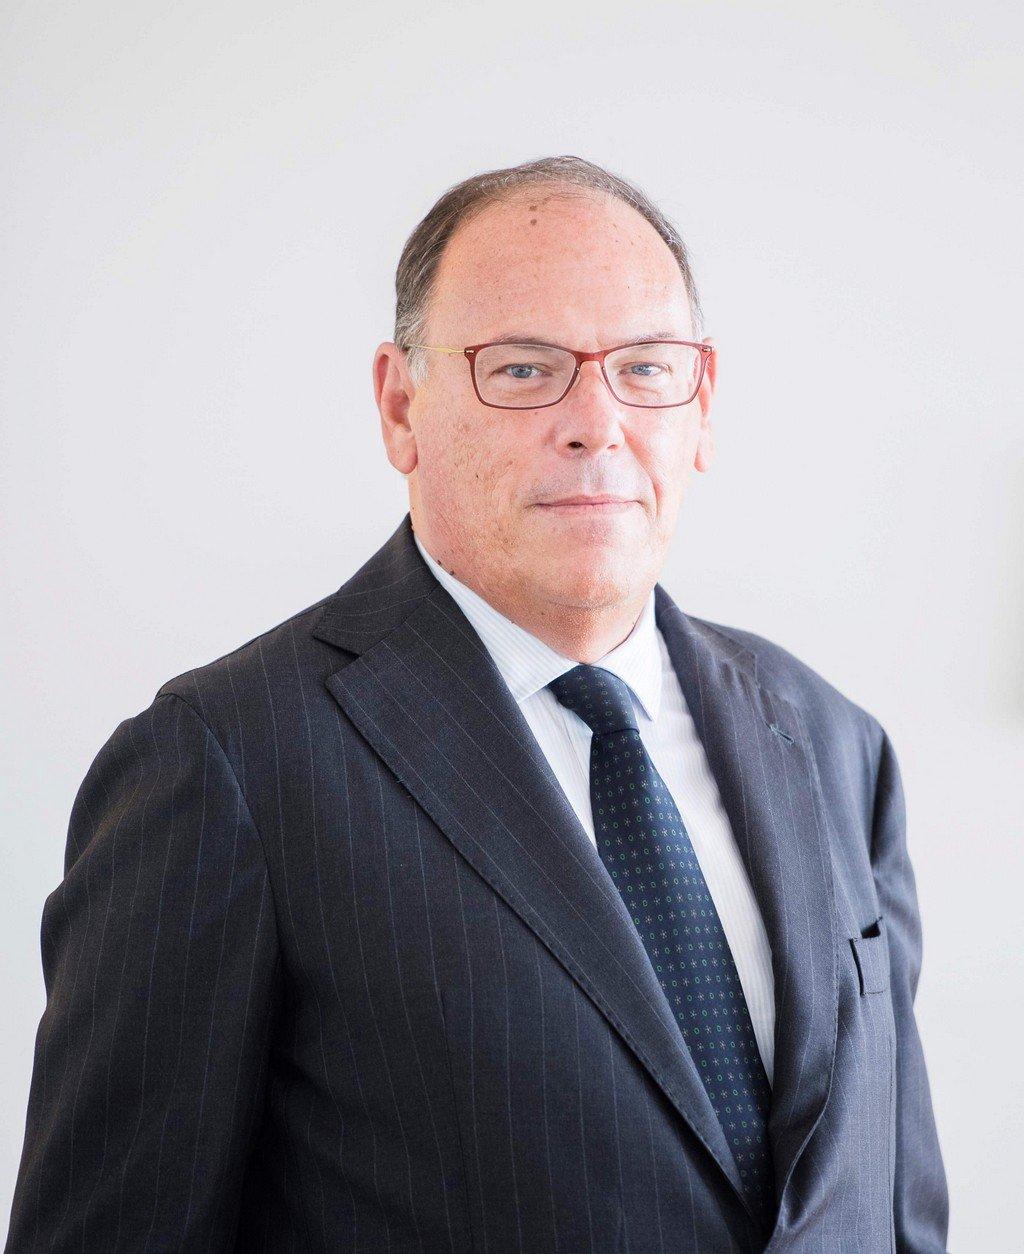 Ettore Morace, consejero delegado de Trasmed, ha nombrado a los cuatro jefes de equipo de la compañía que ofrece servicios marítimos con Baleares desde los puertos de Barcelona y Valencia